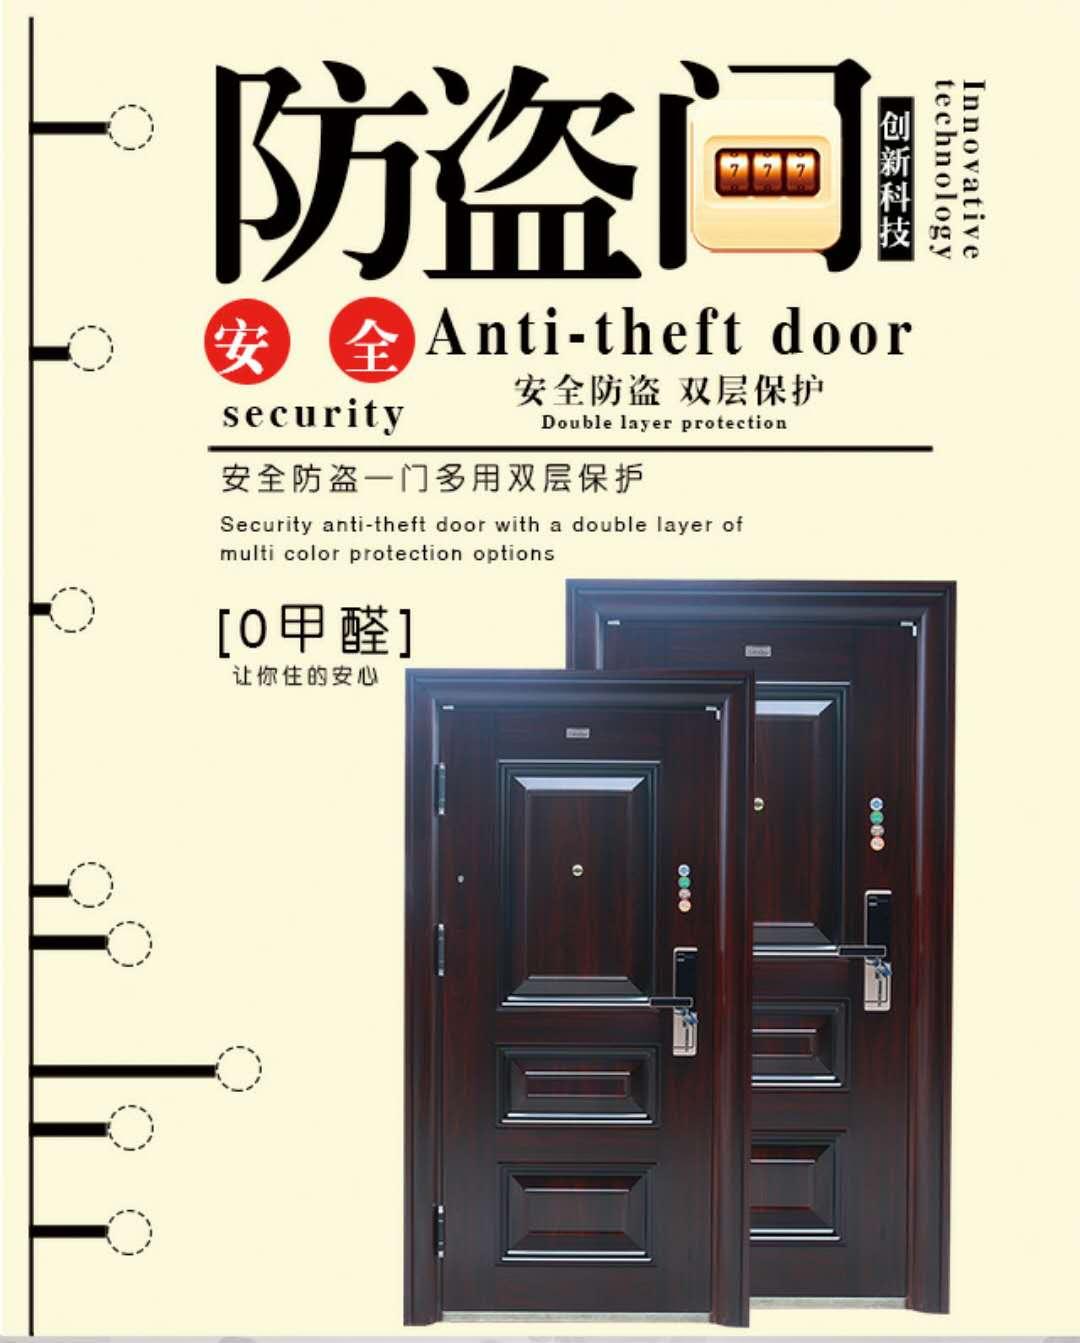 金佰鑫防盗门专营店